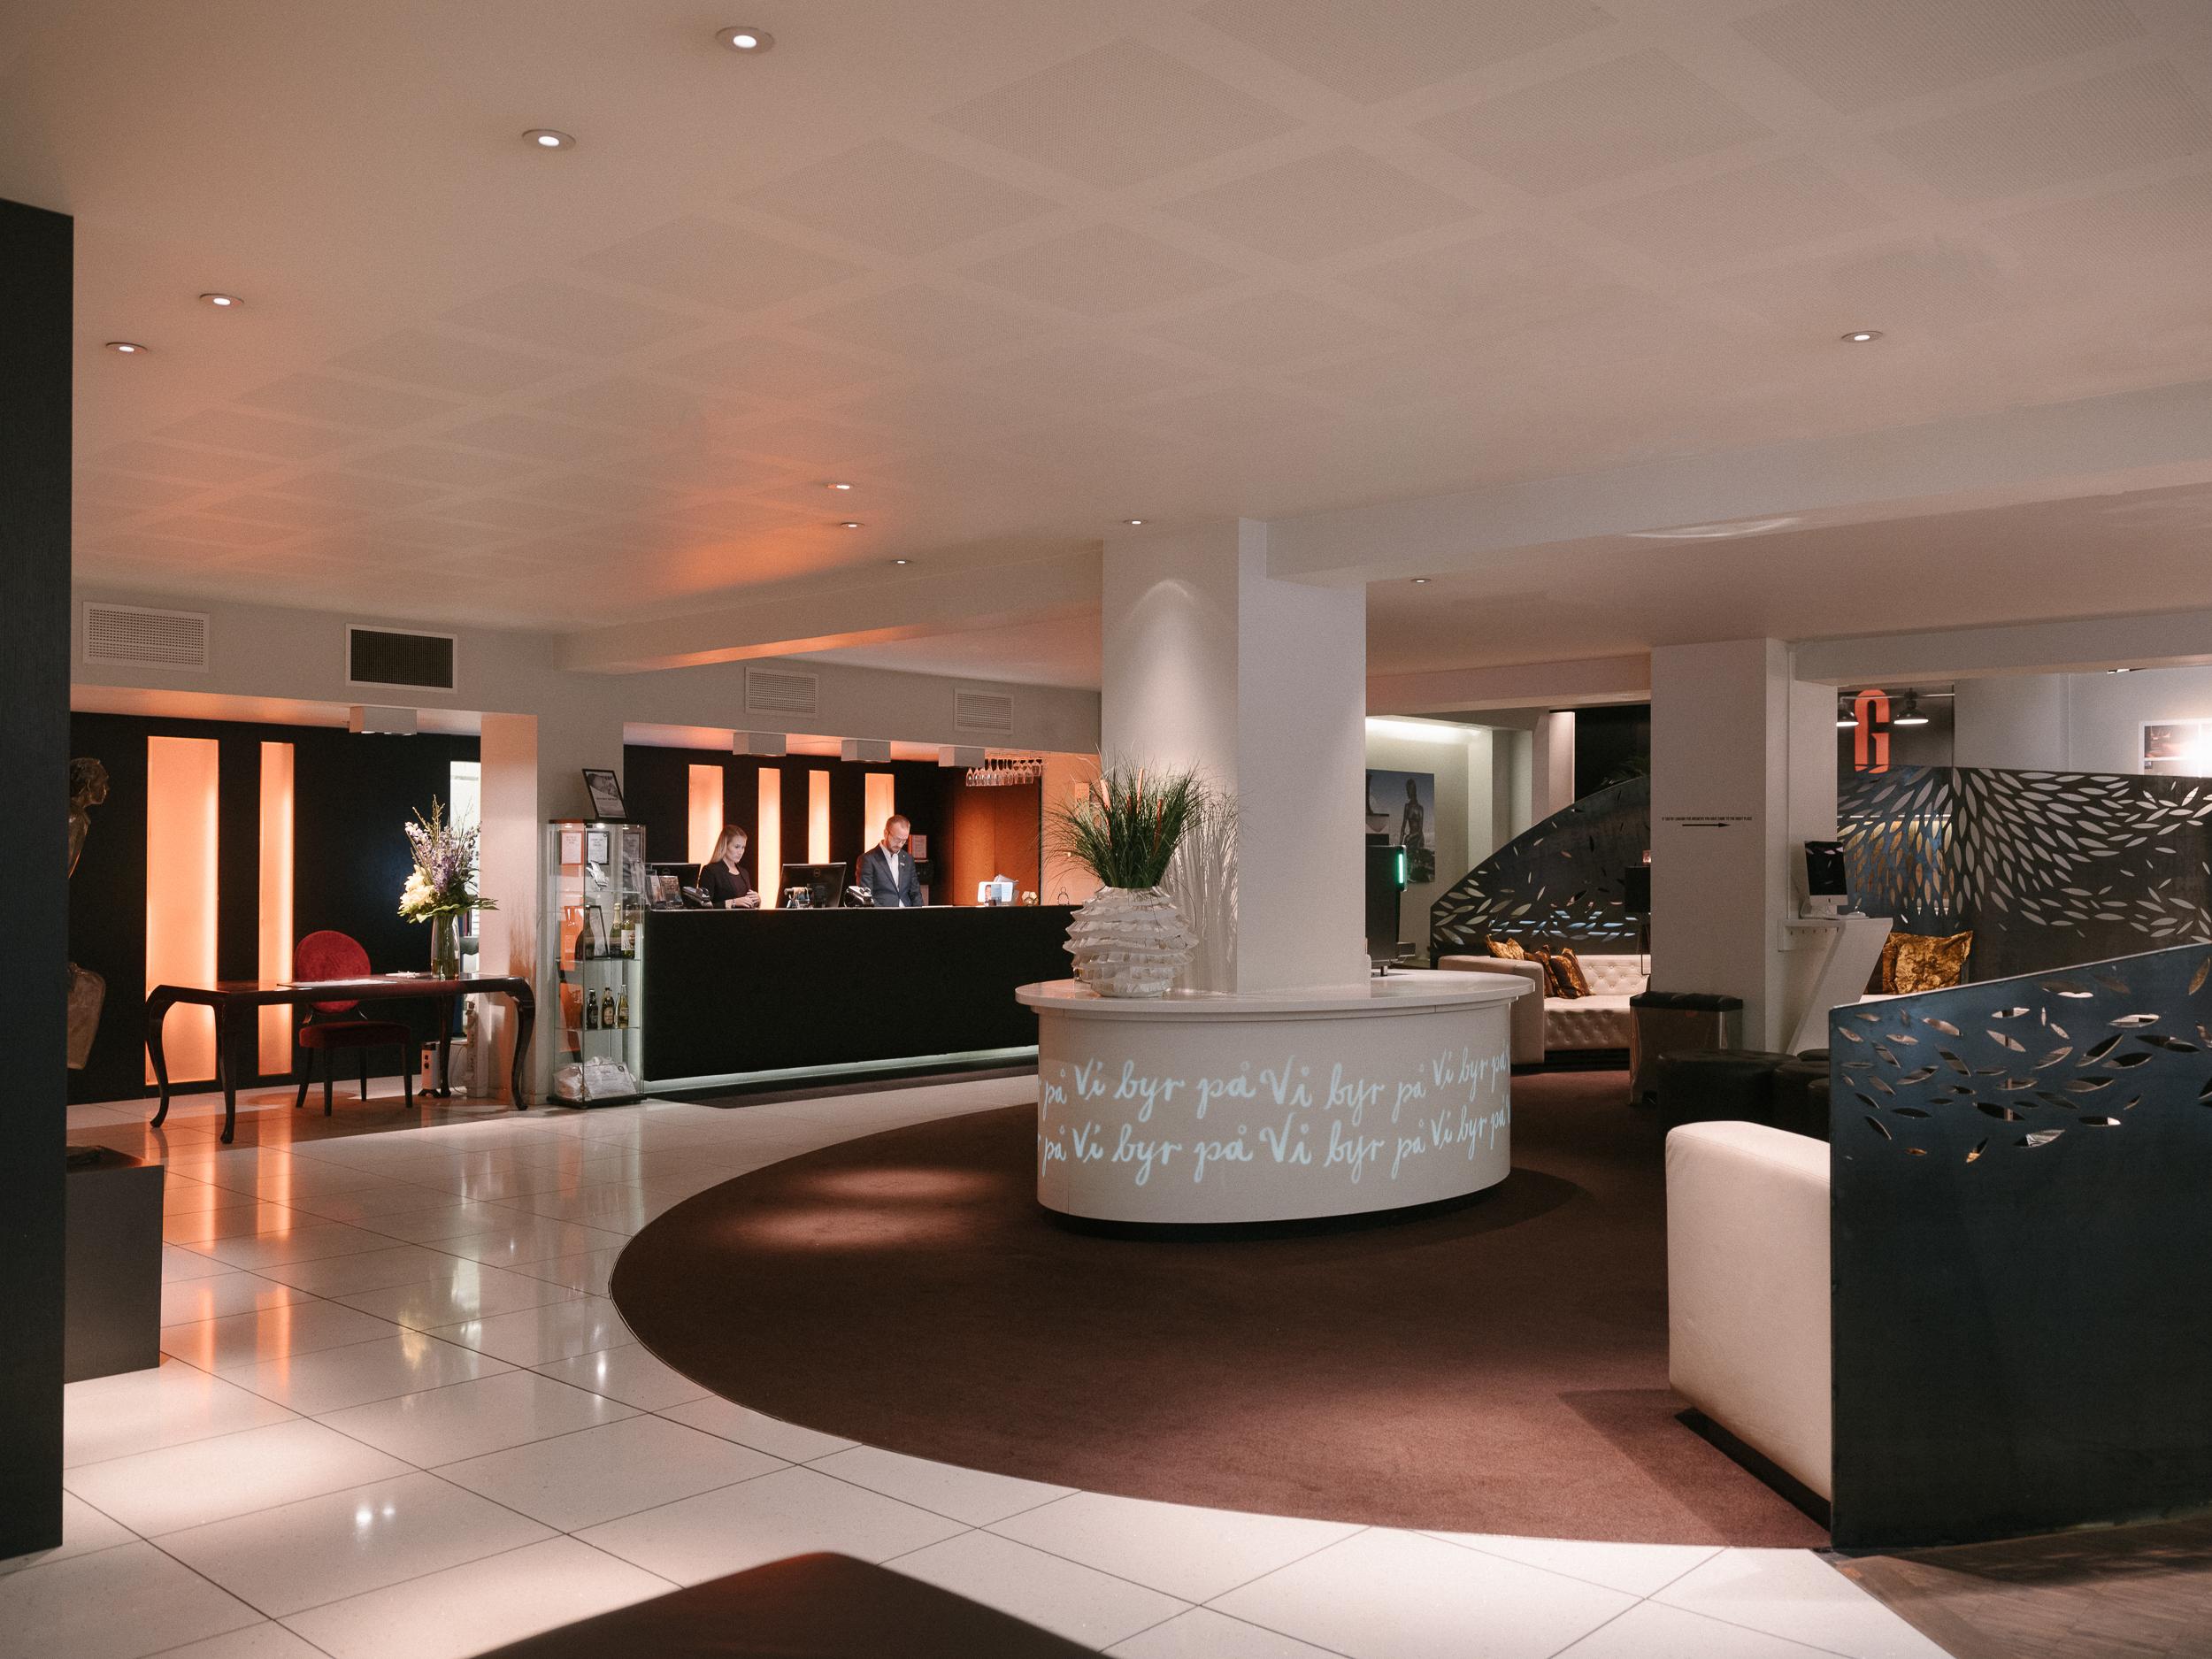 art deco med en moderne twist - Etter en omfattende renovering i 2009 fremstår hotellet i dag som et av Oslos mest eksklusive. Den unike atmosfæren er preget av art deco historie, spennende kunst og moderne møbler. Hos oss kan du finne roen og følelsen av å komme hjem.Vi serverer kaffe og deilig bakverk hver dag fra kl. 15.00, et lettere måltid mellom kl. 18.00 og 21.00 hver kveld slik at du skal slippe å bekymre deg for å gå sulten til sengs selv om du ikke ønsker å utforske byen. Kommer du etter kveldsmat, har vi alltid noe lett å tygge på som du kan få med deg på rommet. Vår enestående frokost serveres i restaurant Grilleriet, og du har fri tilgang til vår storstue i 8. etasje, gymmen og internett!Varmt velkommen!